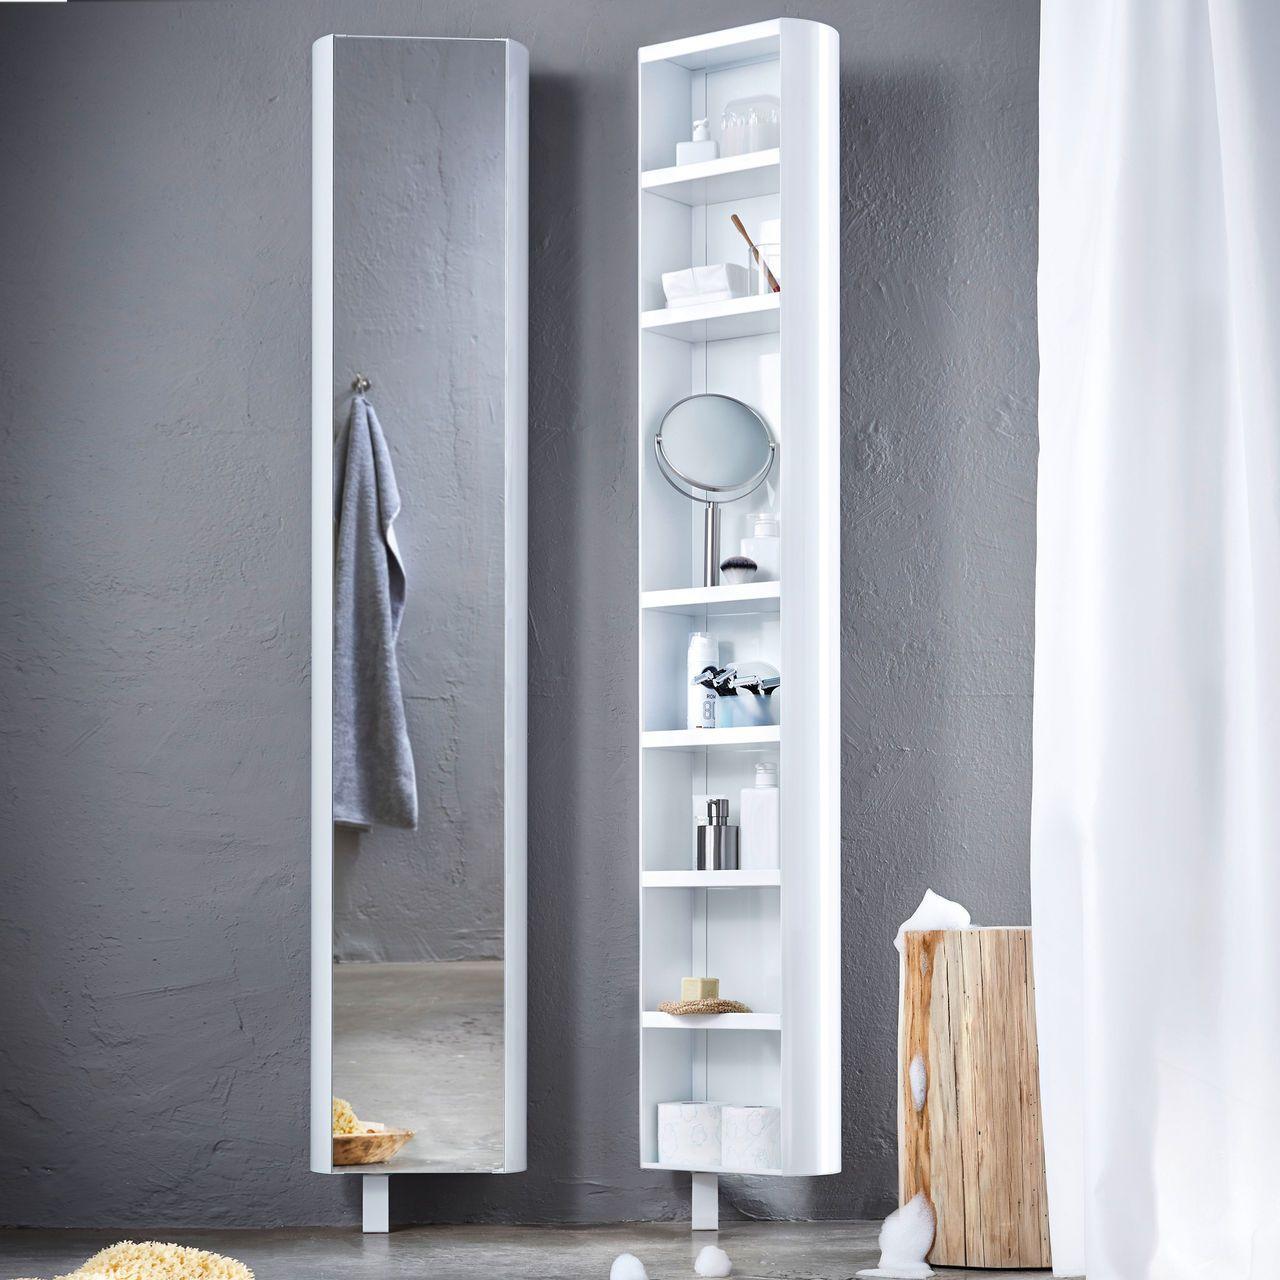 Dieses Regal Hat Den Dreh Raus Wanddrehregal Multi Tube Von Jan Kurtz Schrank Spiegelschrank Badezimmer Spiegelschrank